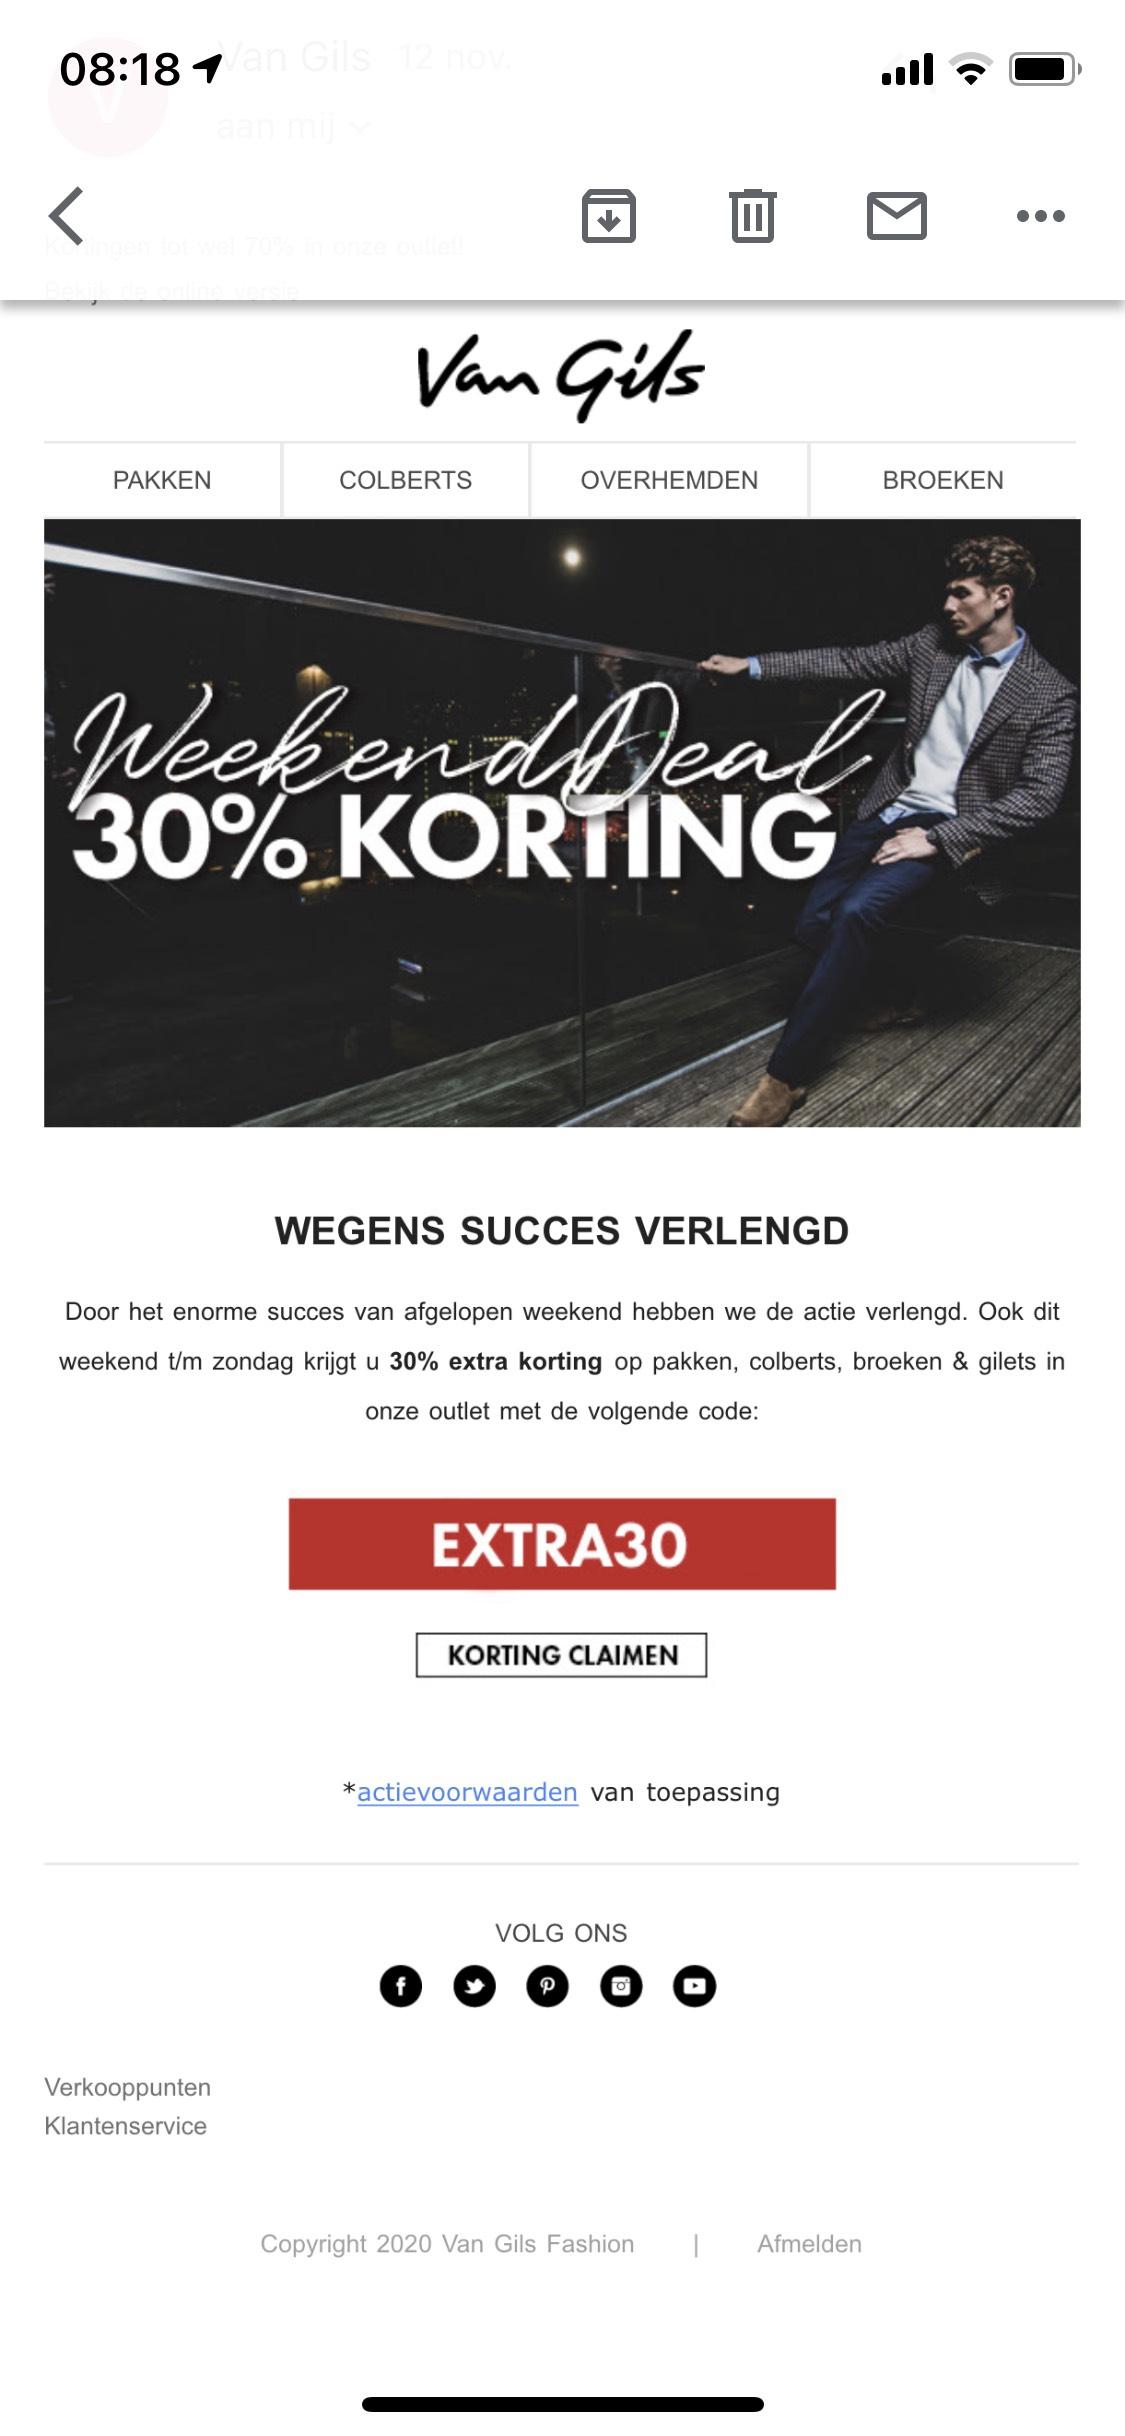 Van Gils 30% extra korting in de online outlet